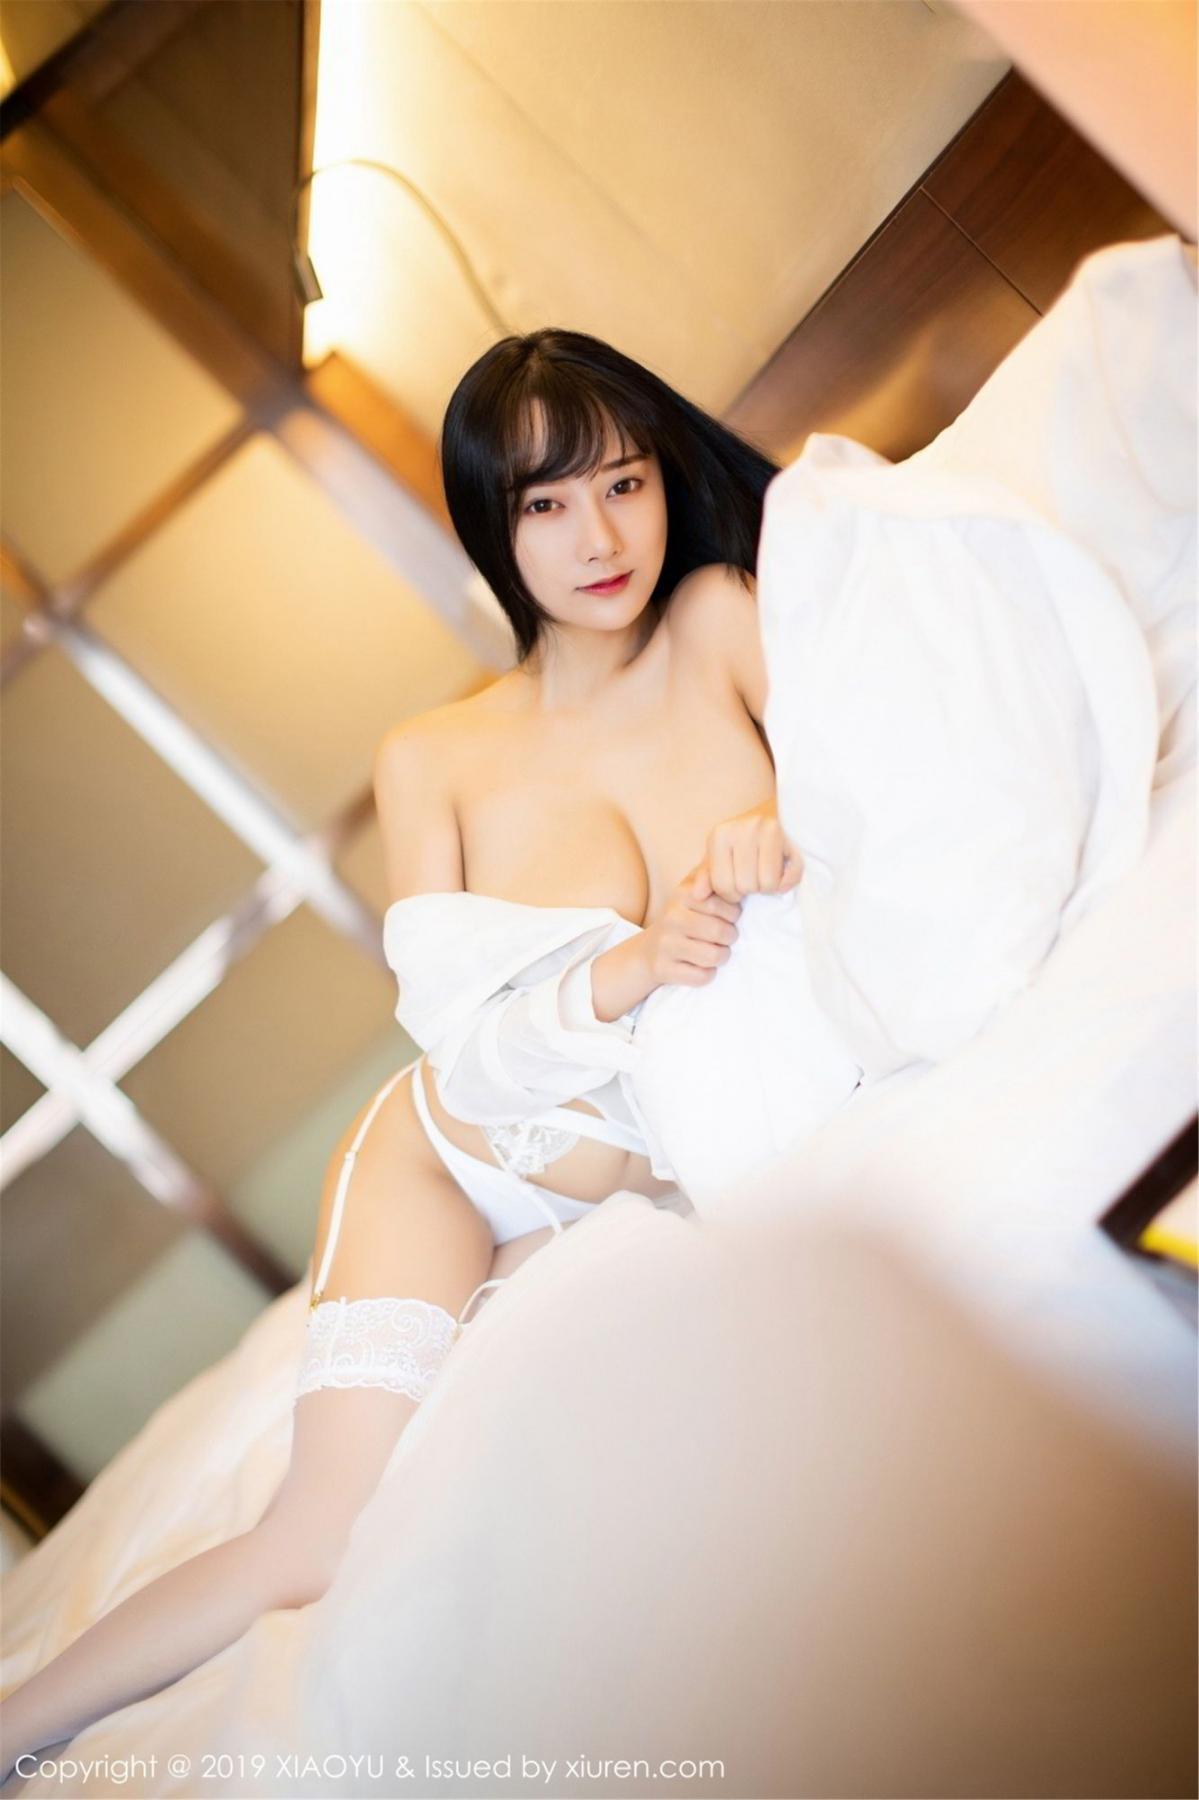 [XiaoYu] Vol.076 He Jia Ying 30P, He Jia Ying, Underwear, XiaoYu